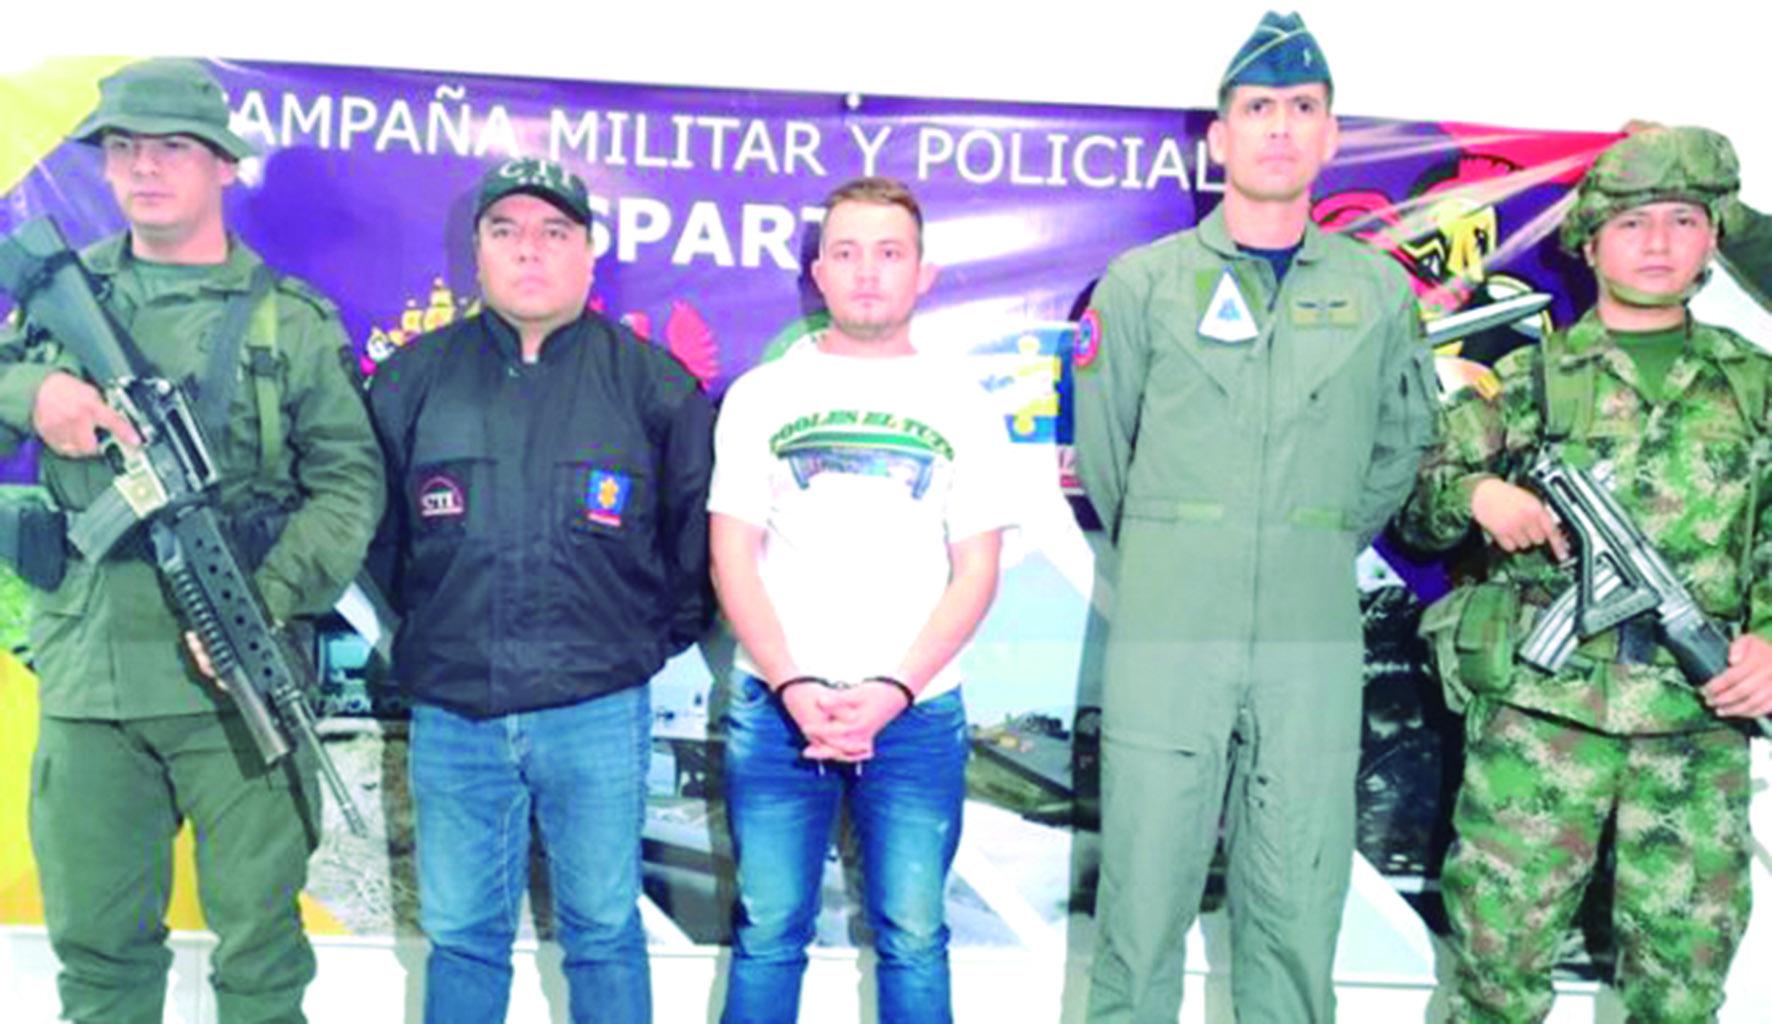 Cae sospechoso de ataque a helicóptero en el Catatumbo   Local   Justicia   EL FRENTE